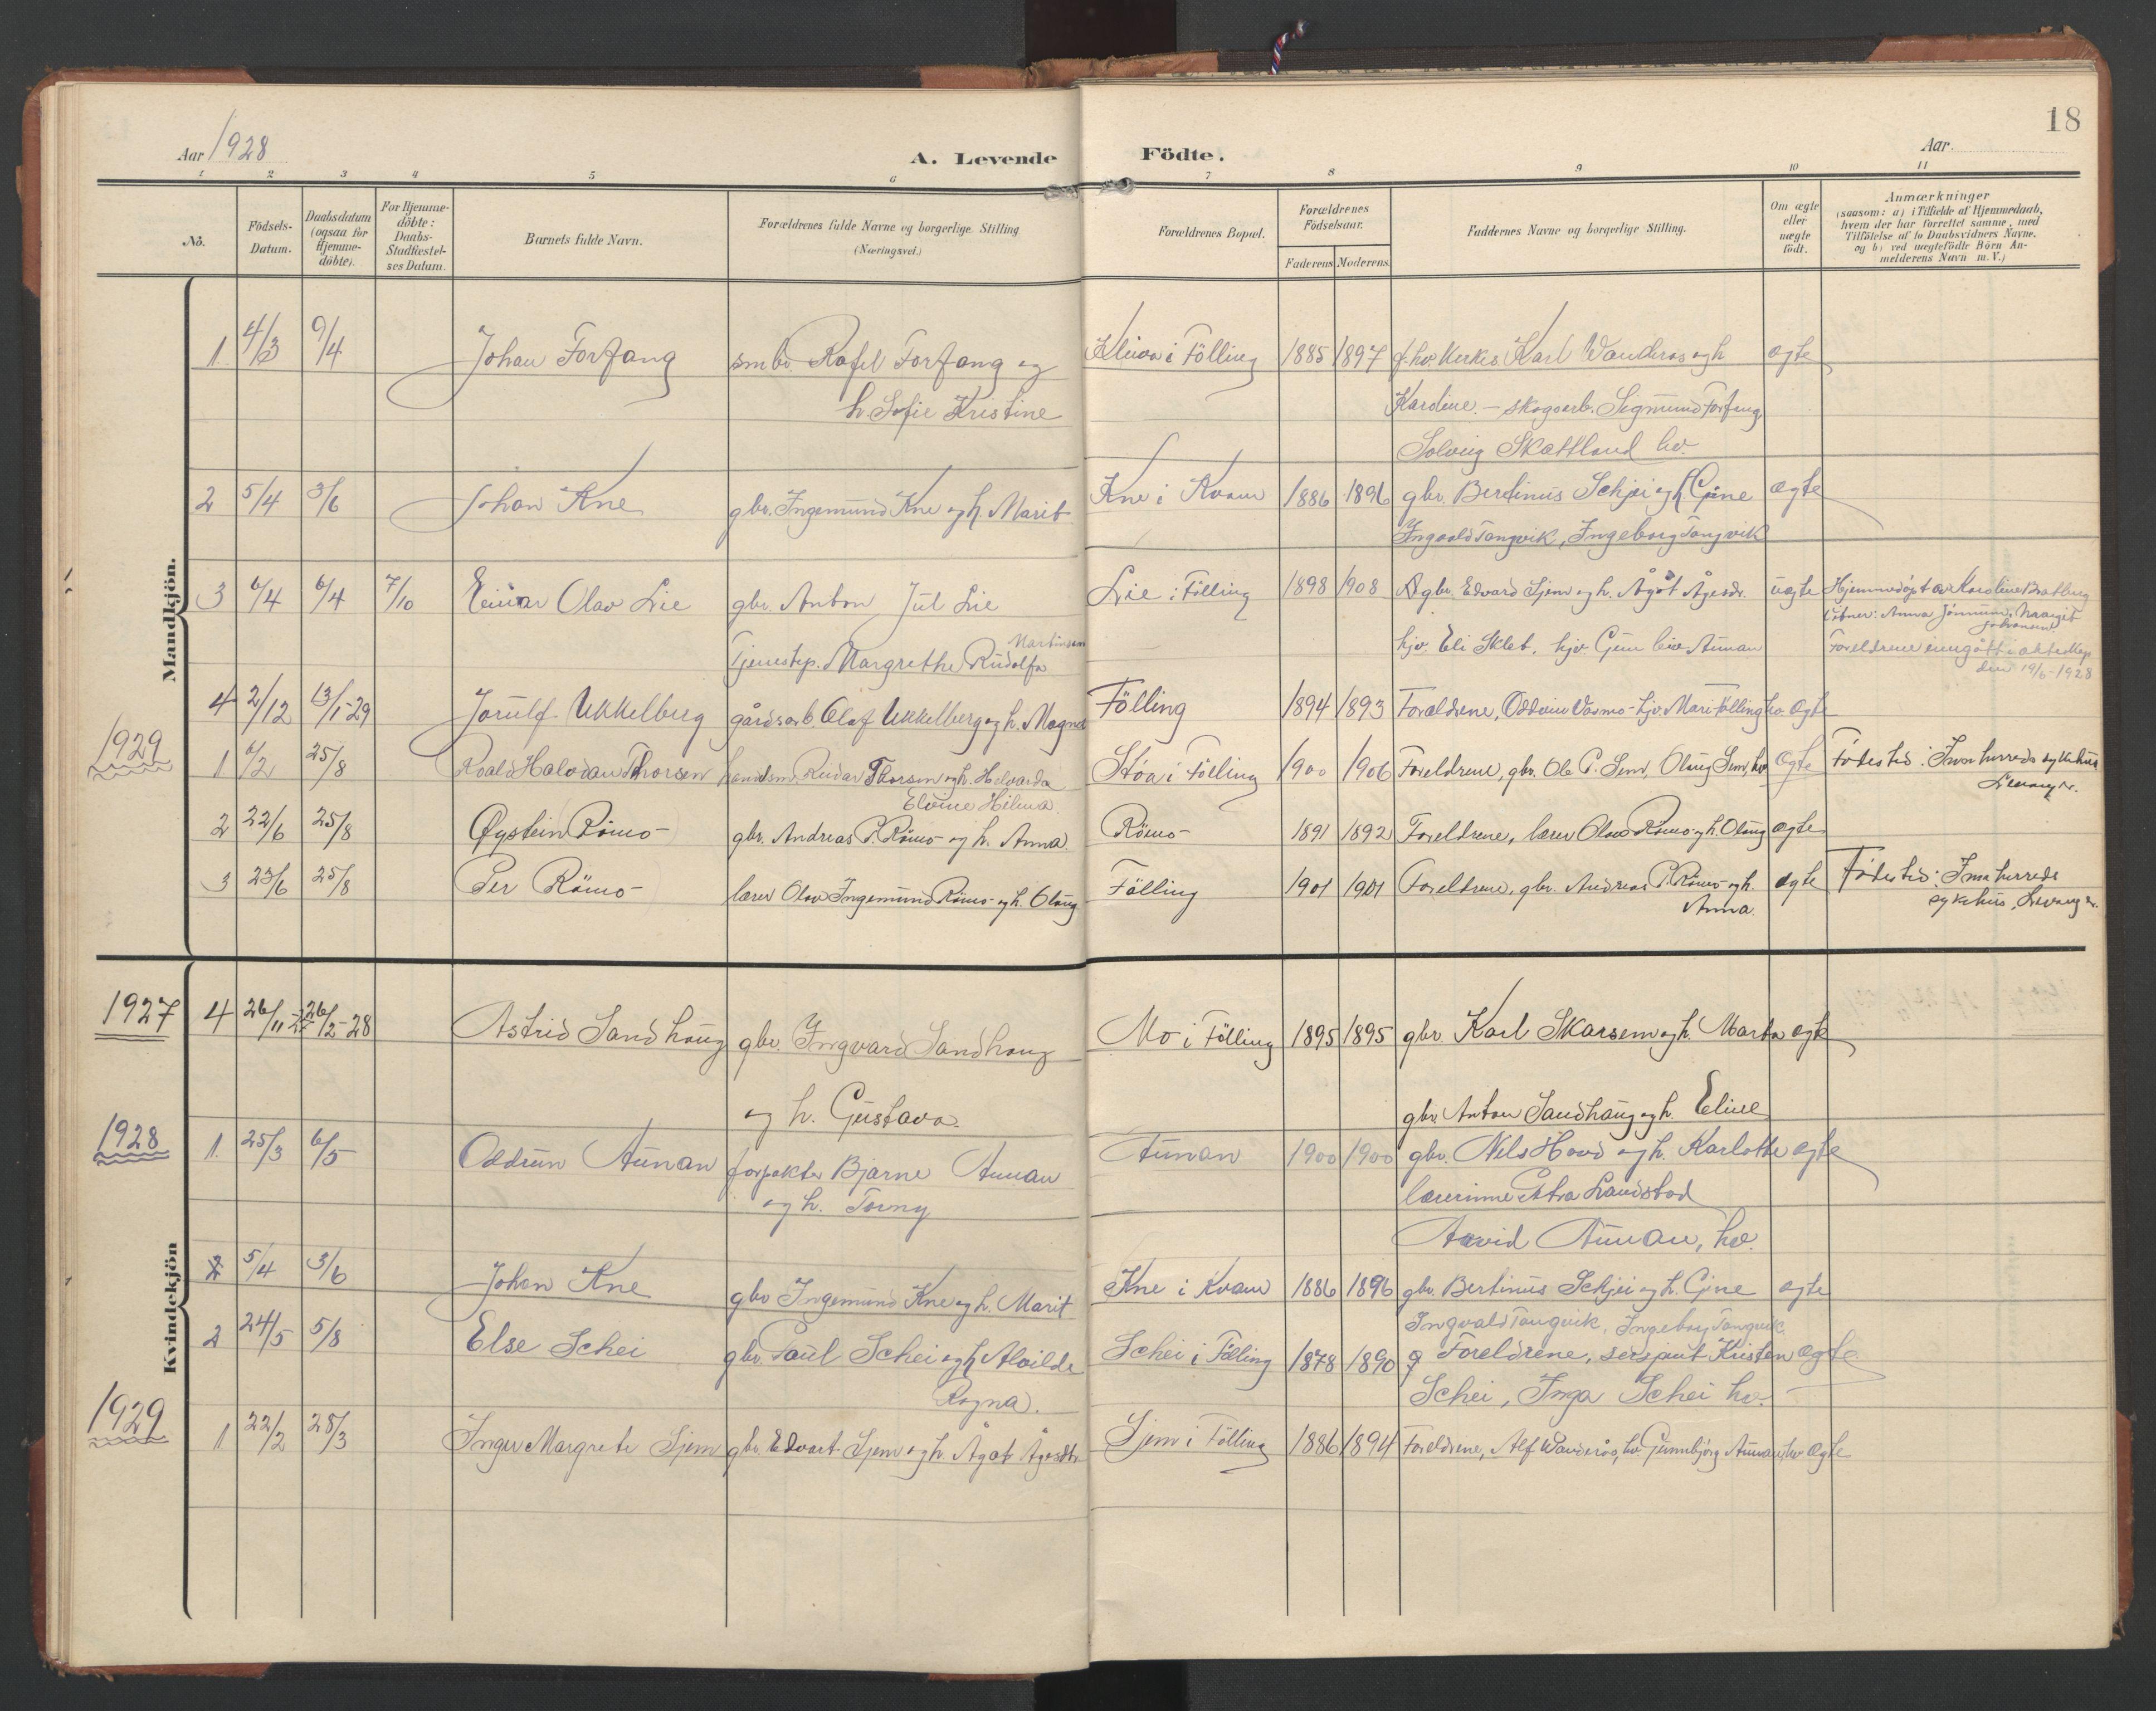 SAT, Ministerialprotokoller, klokkerbøker og fødselsregistre - Nord-Trøndelag, 748/L0465: Klokkerbok nr. 748C01, 1908-1960, s. 18